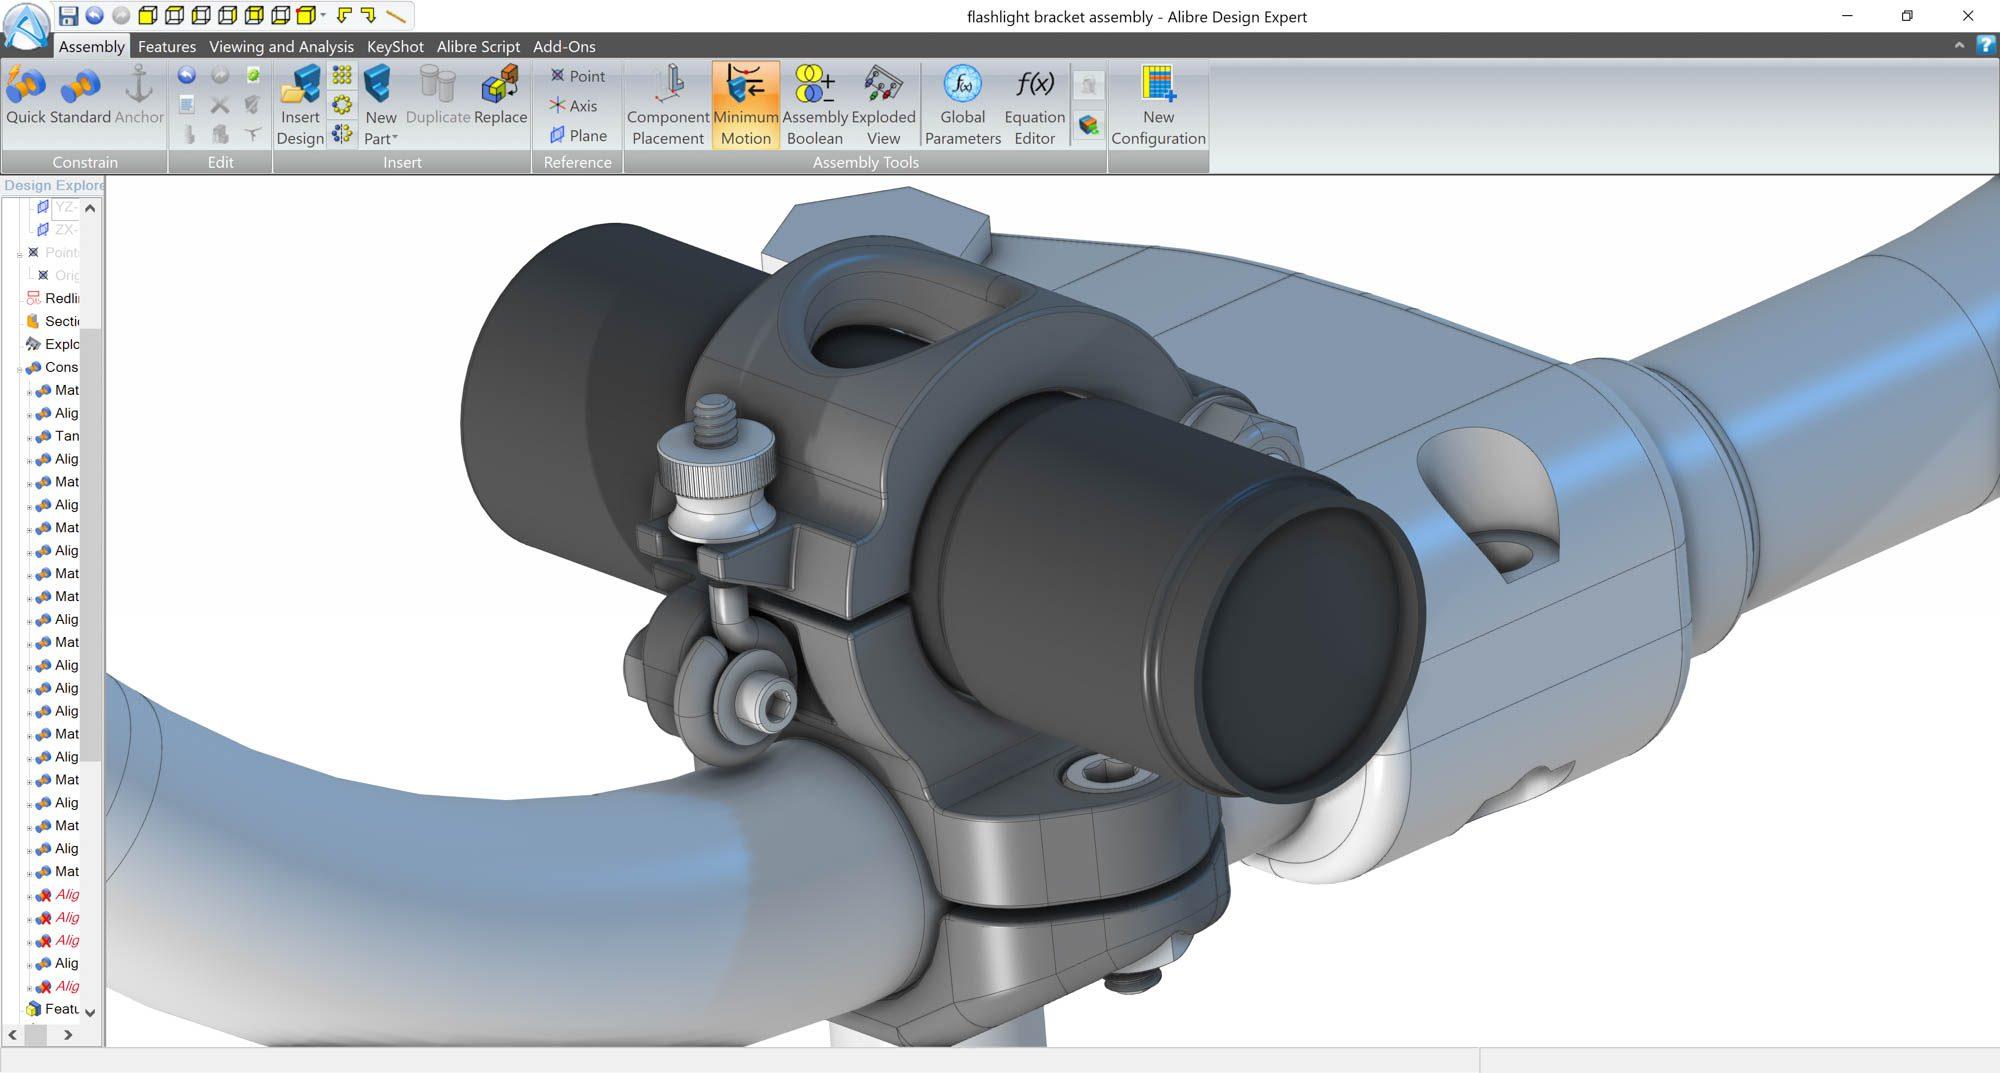 alibre-design-zrzut-ekranu-gotowe-produkty-uchwyt-mocowanie-na-latarke